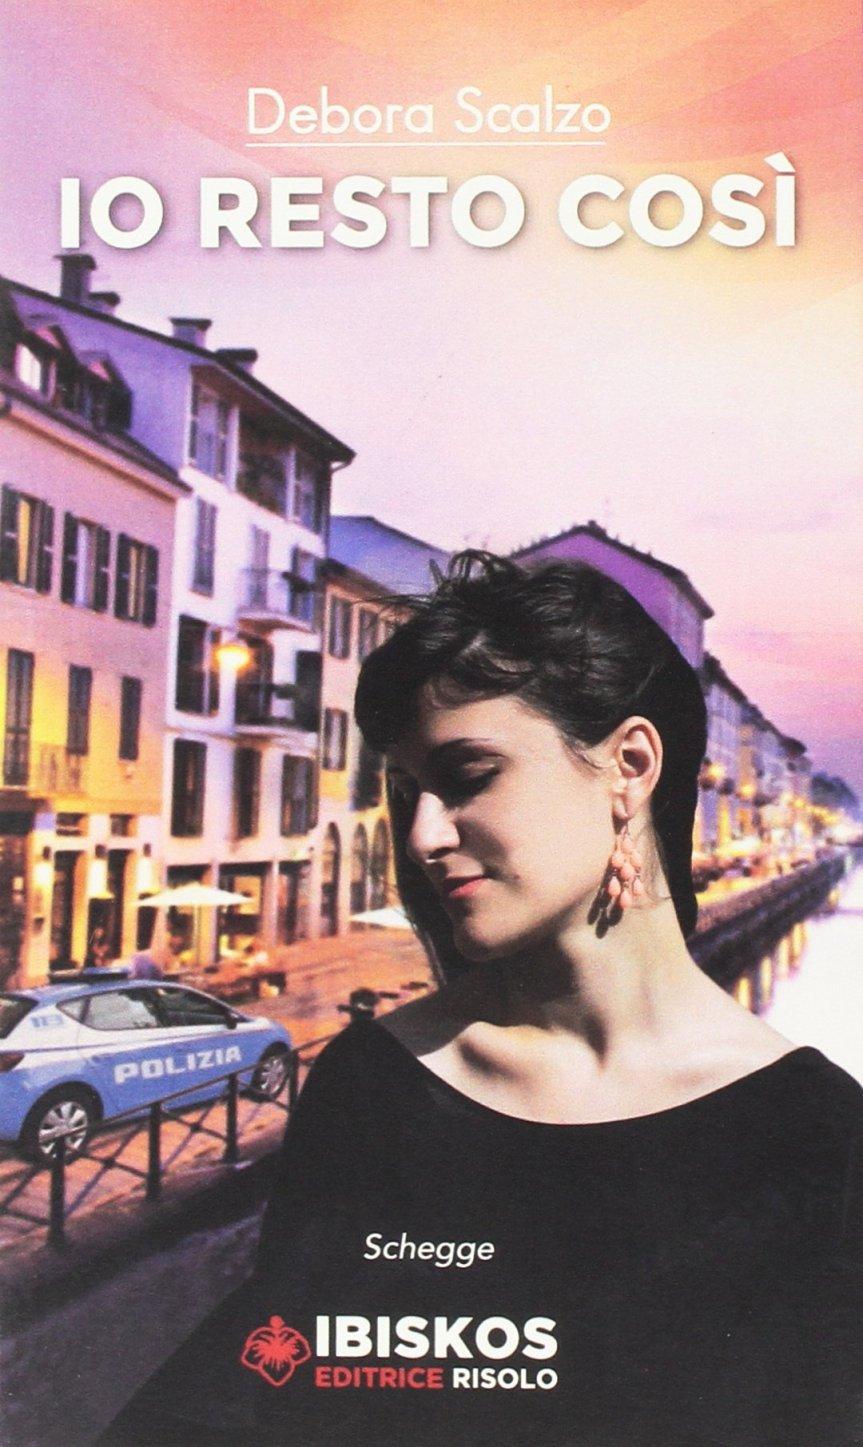 Siena: Debora Scalzo, Io restocosì